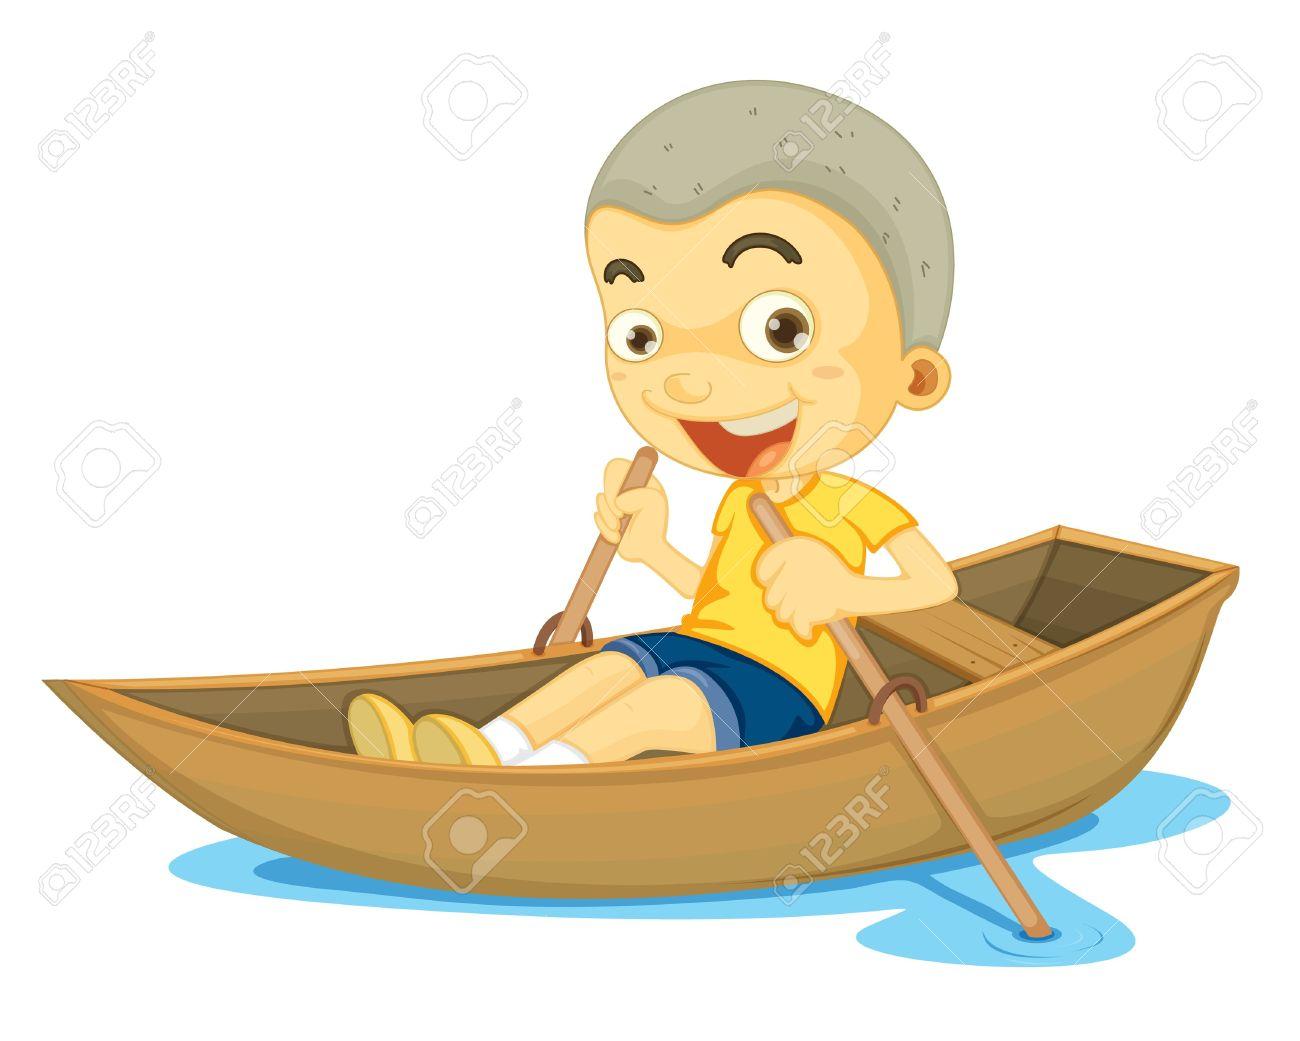 Row Boat clipart Illustrations #3346 Boat Row Row